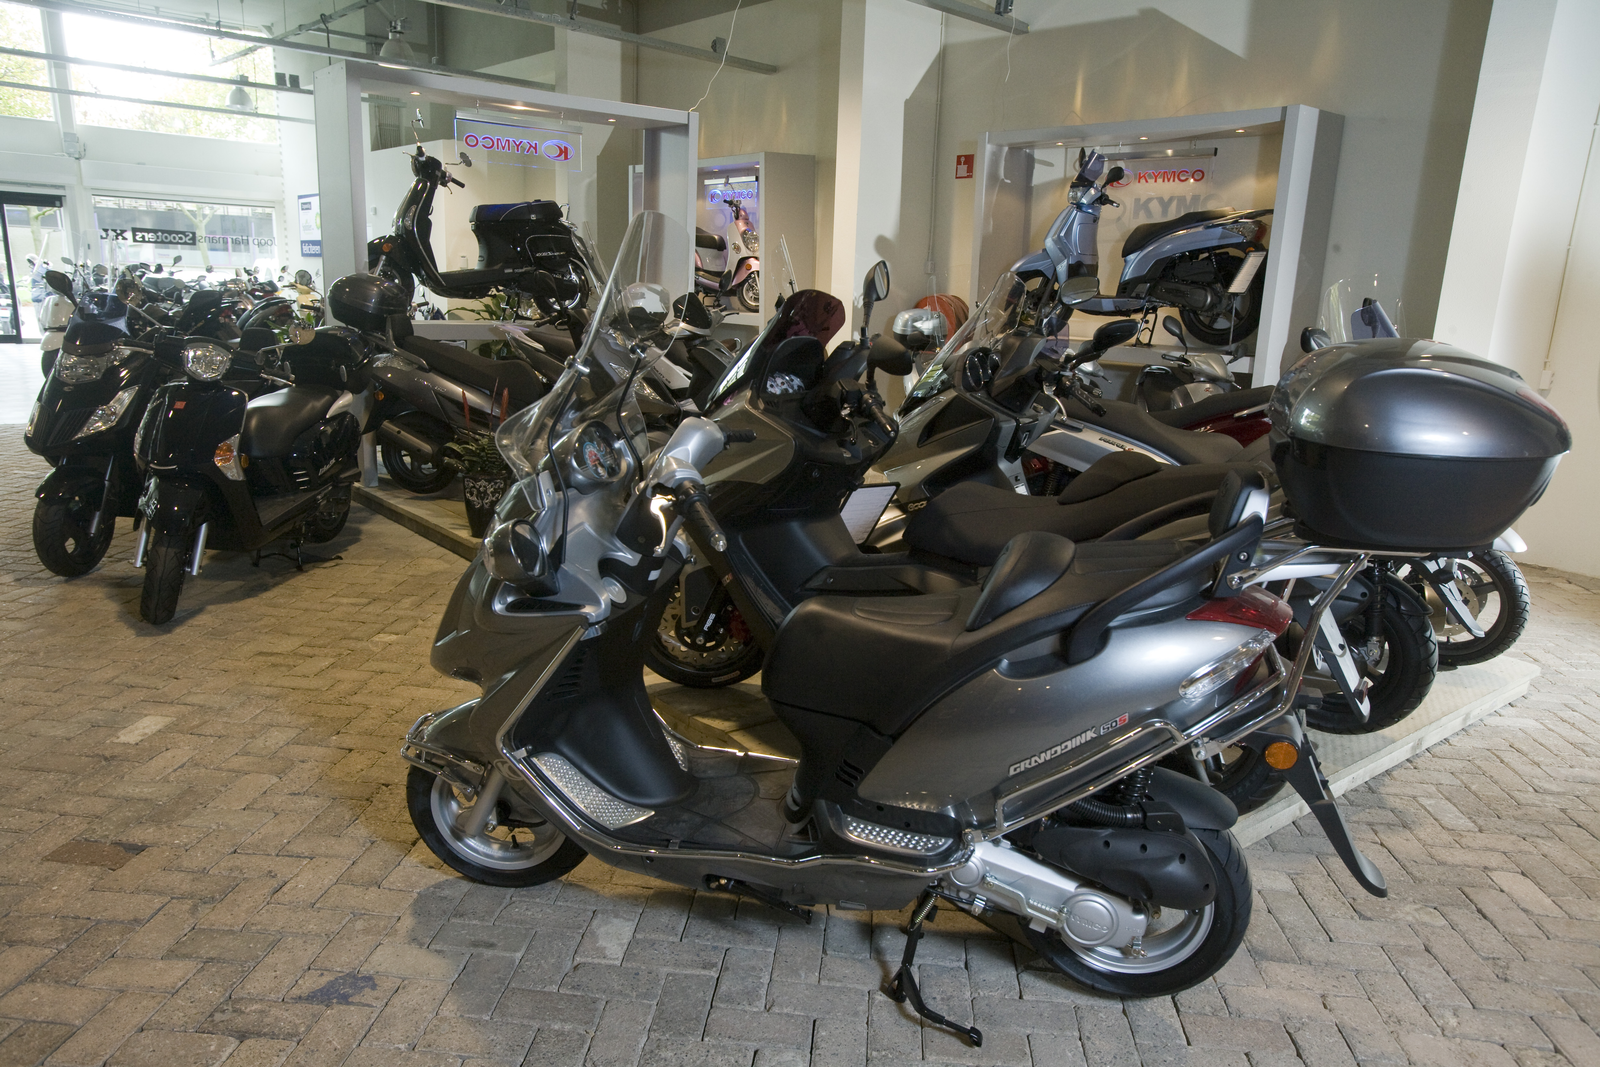 Motoren 125cc populair bij jongeren door rijbewijs A1